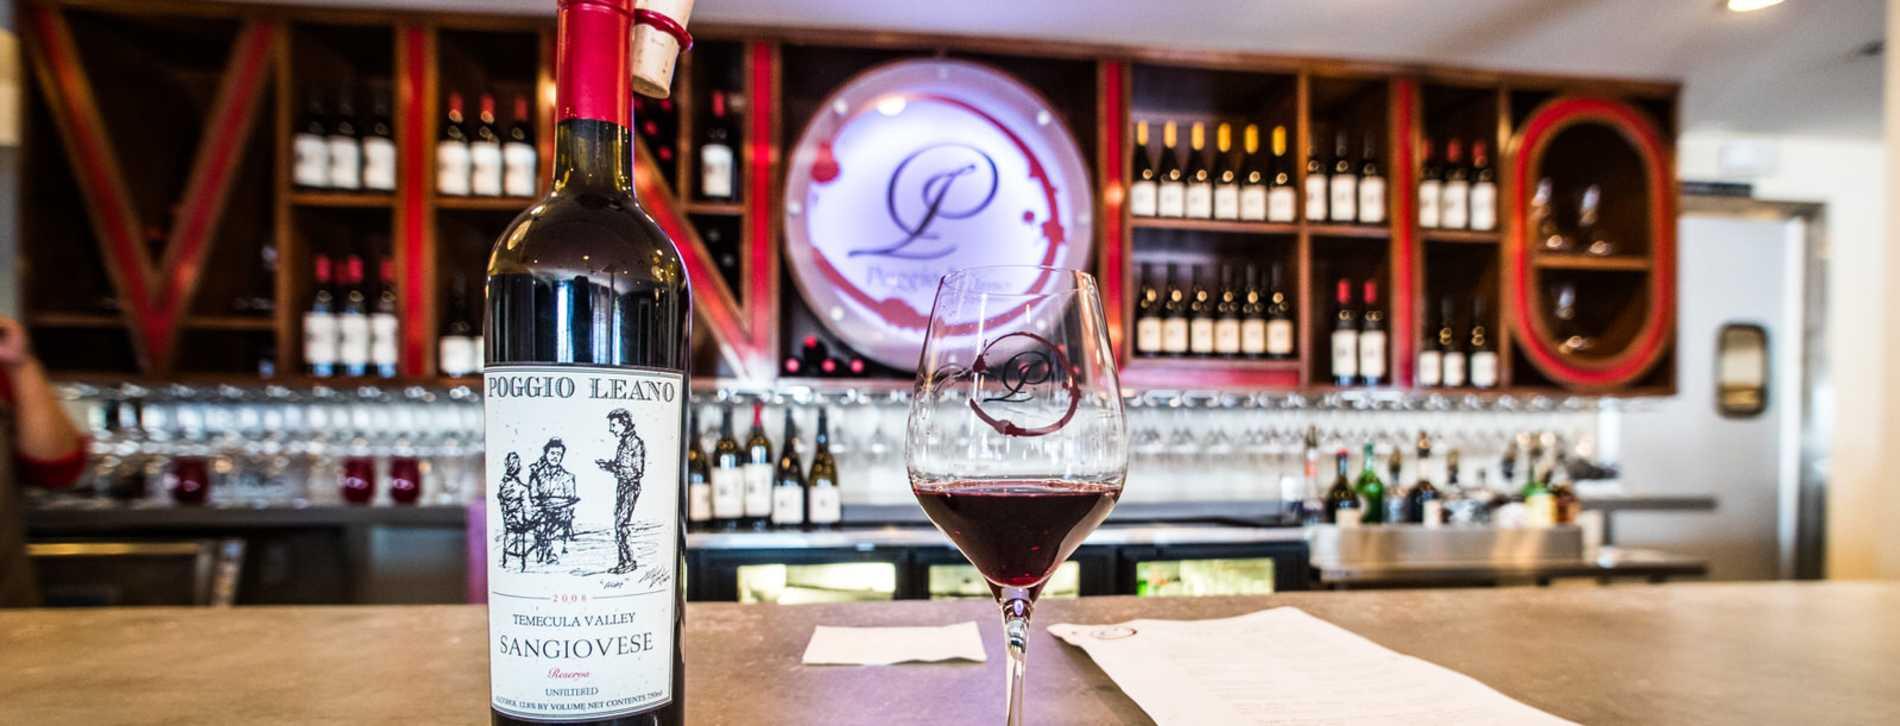 Poggio Leano Winery